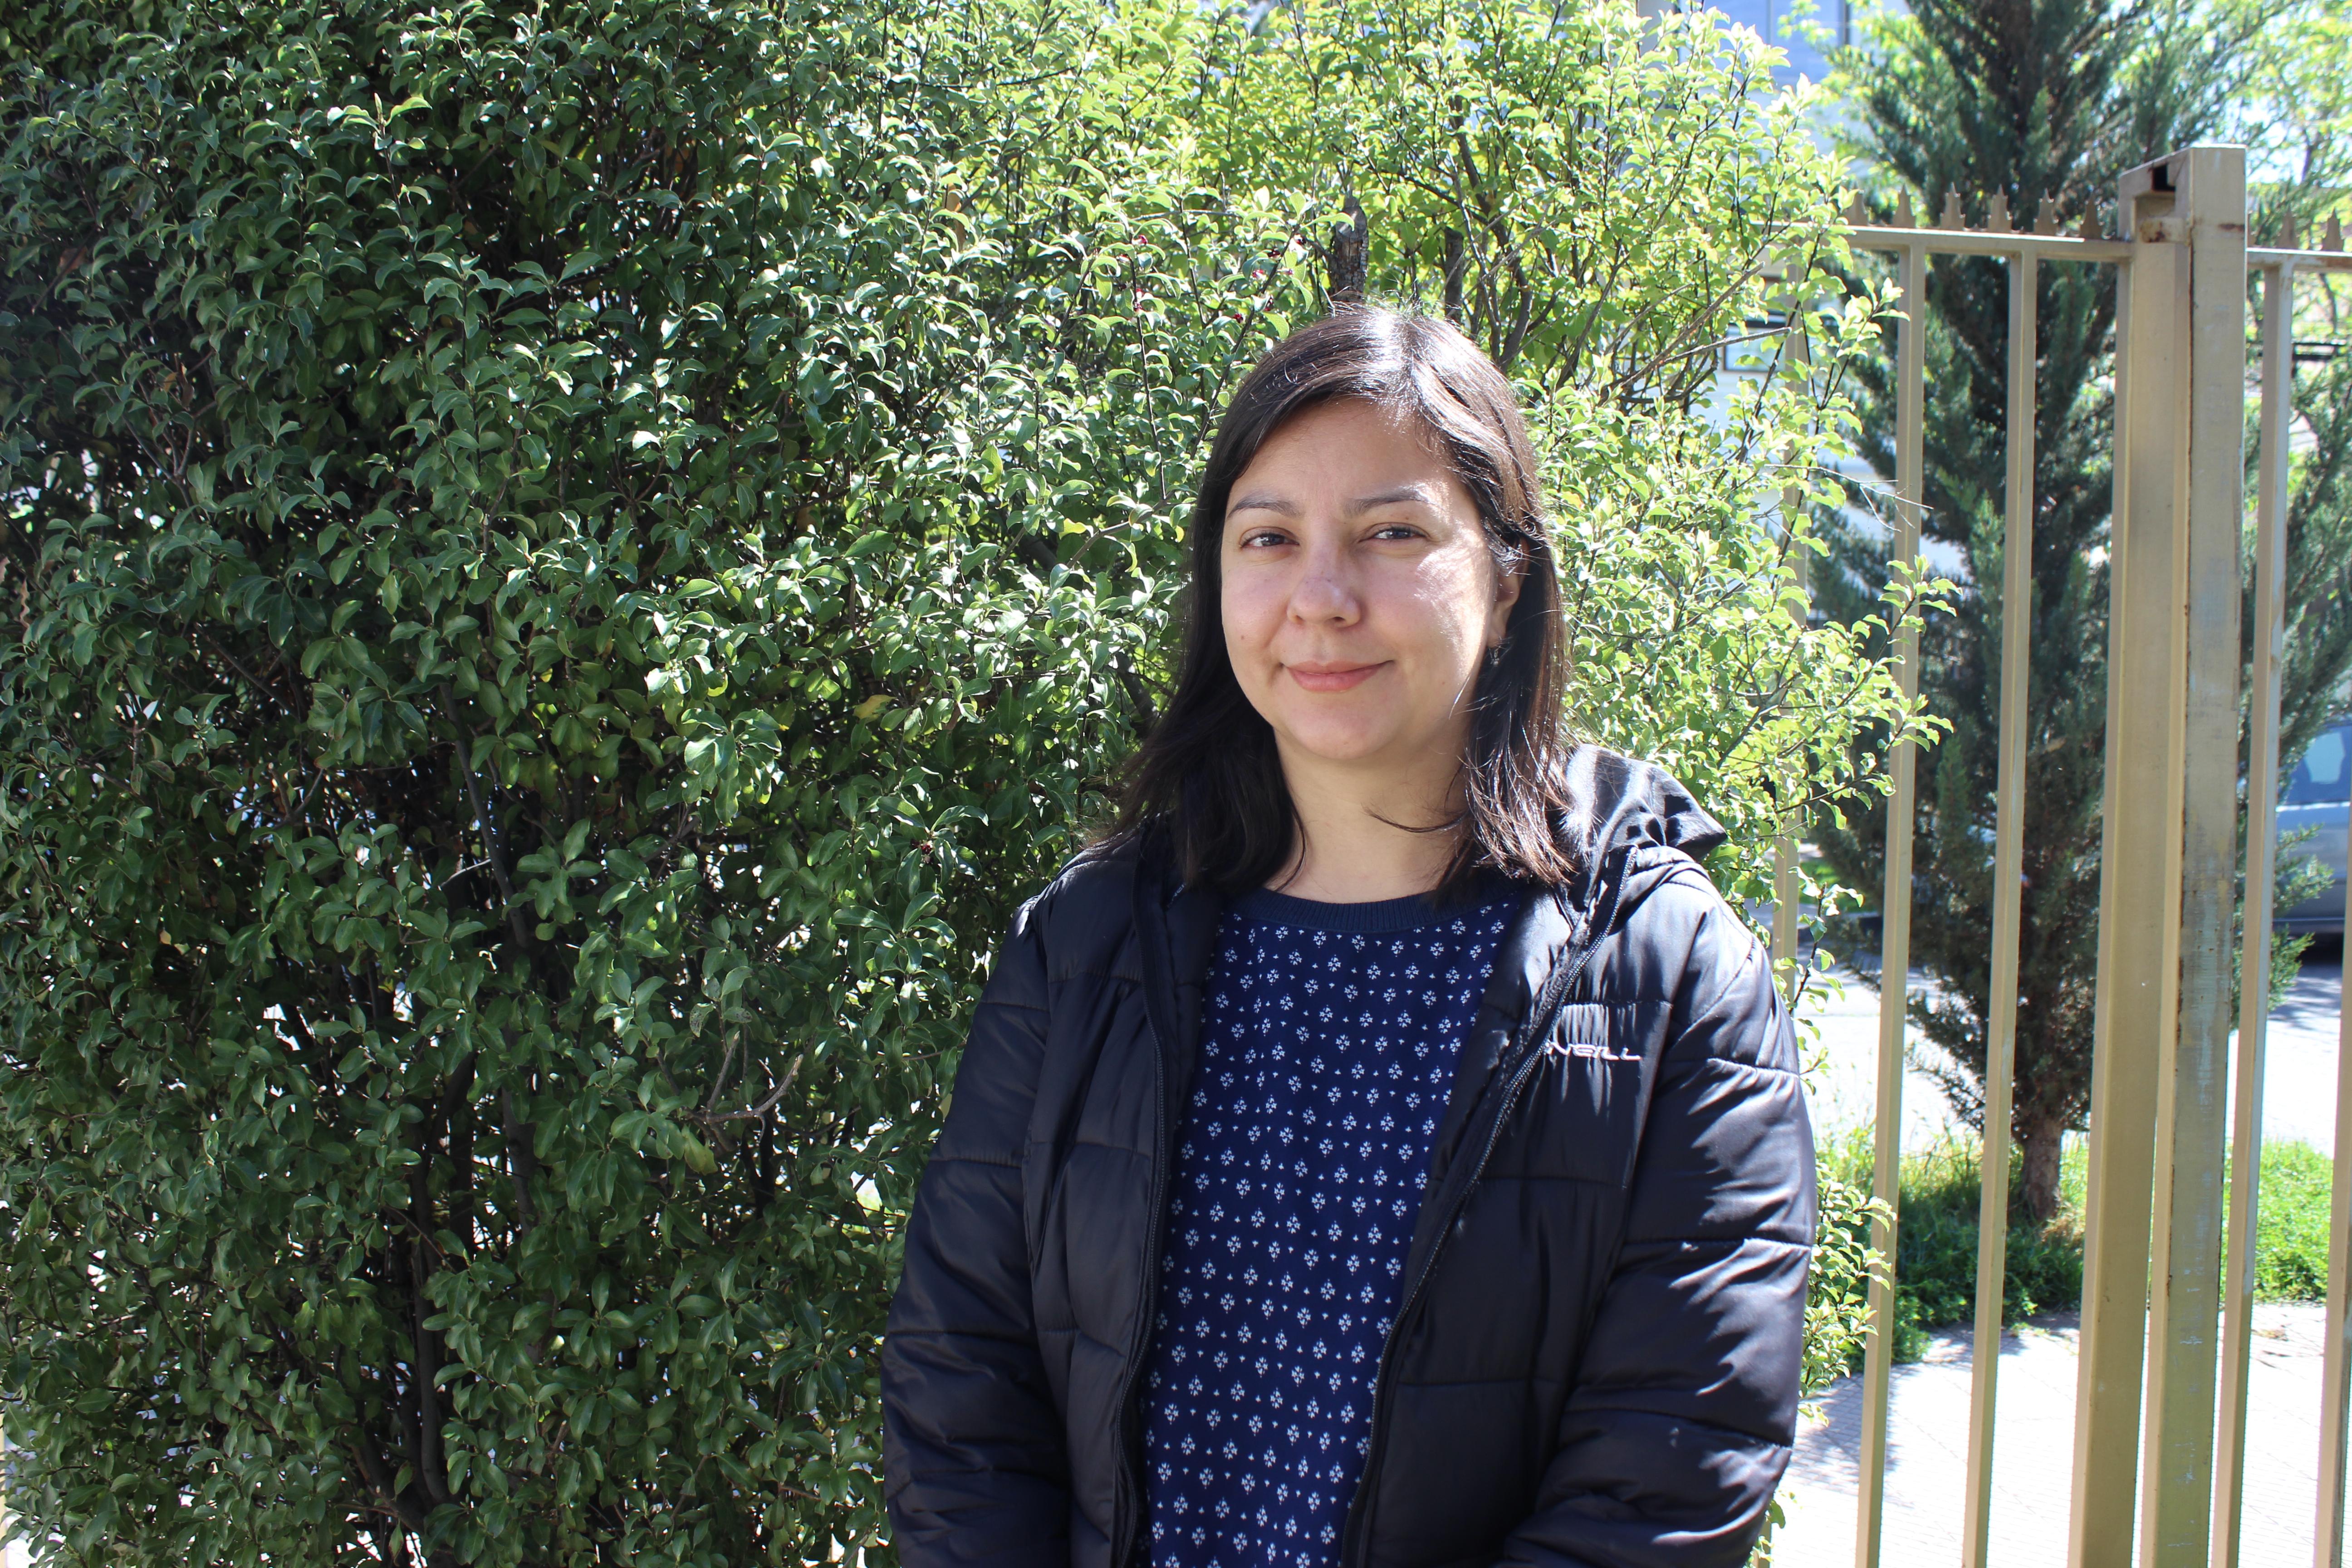 ''El sistema de vivienda social en Chile ha ido subiendo el estándar, pero queda mucho por mejorar''